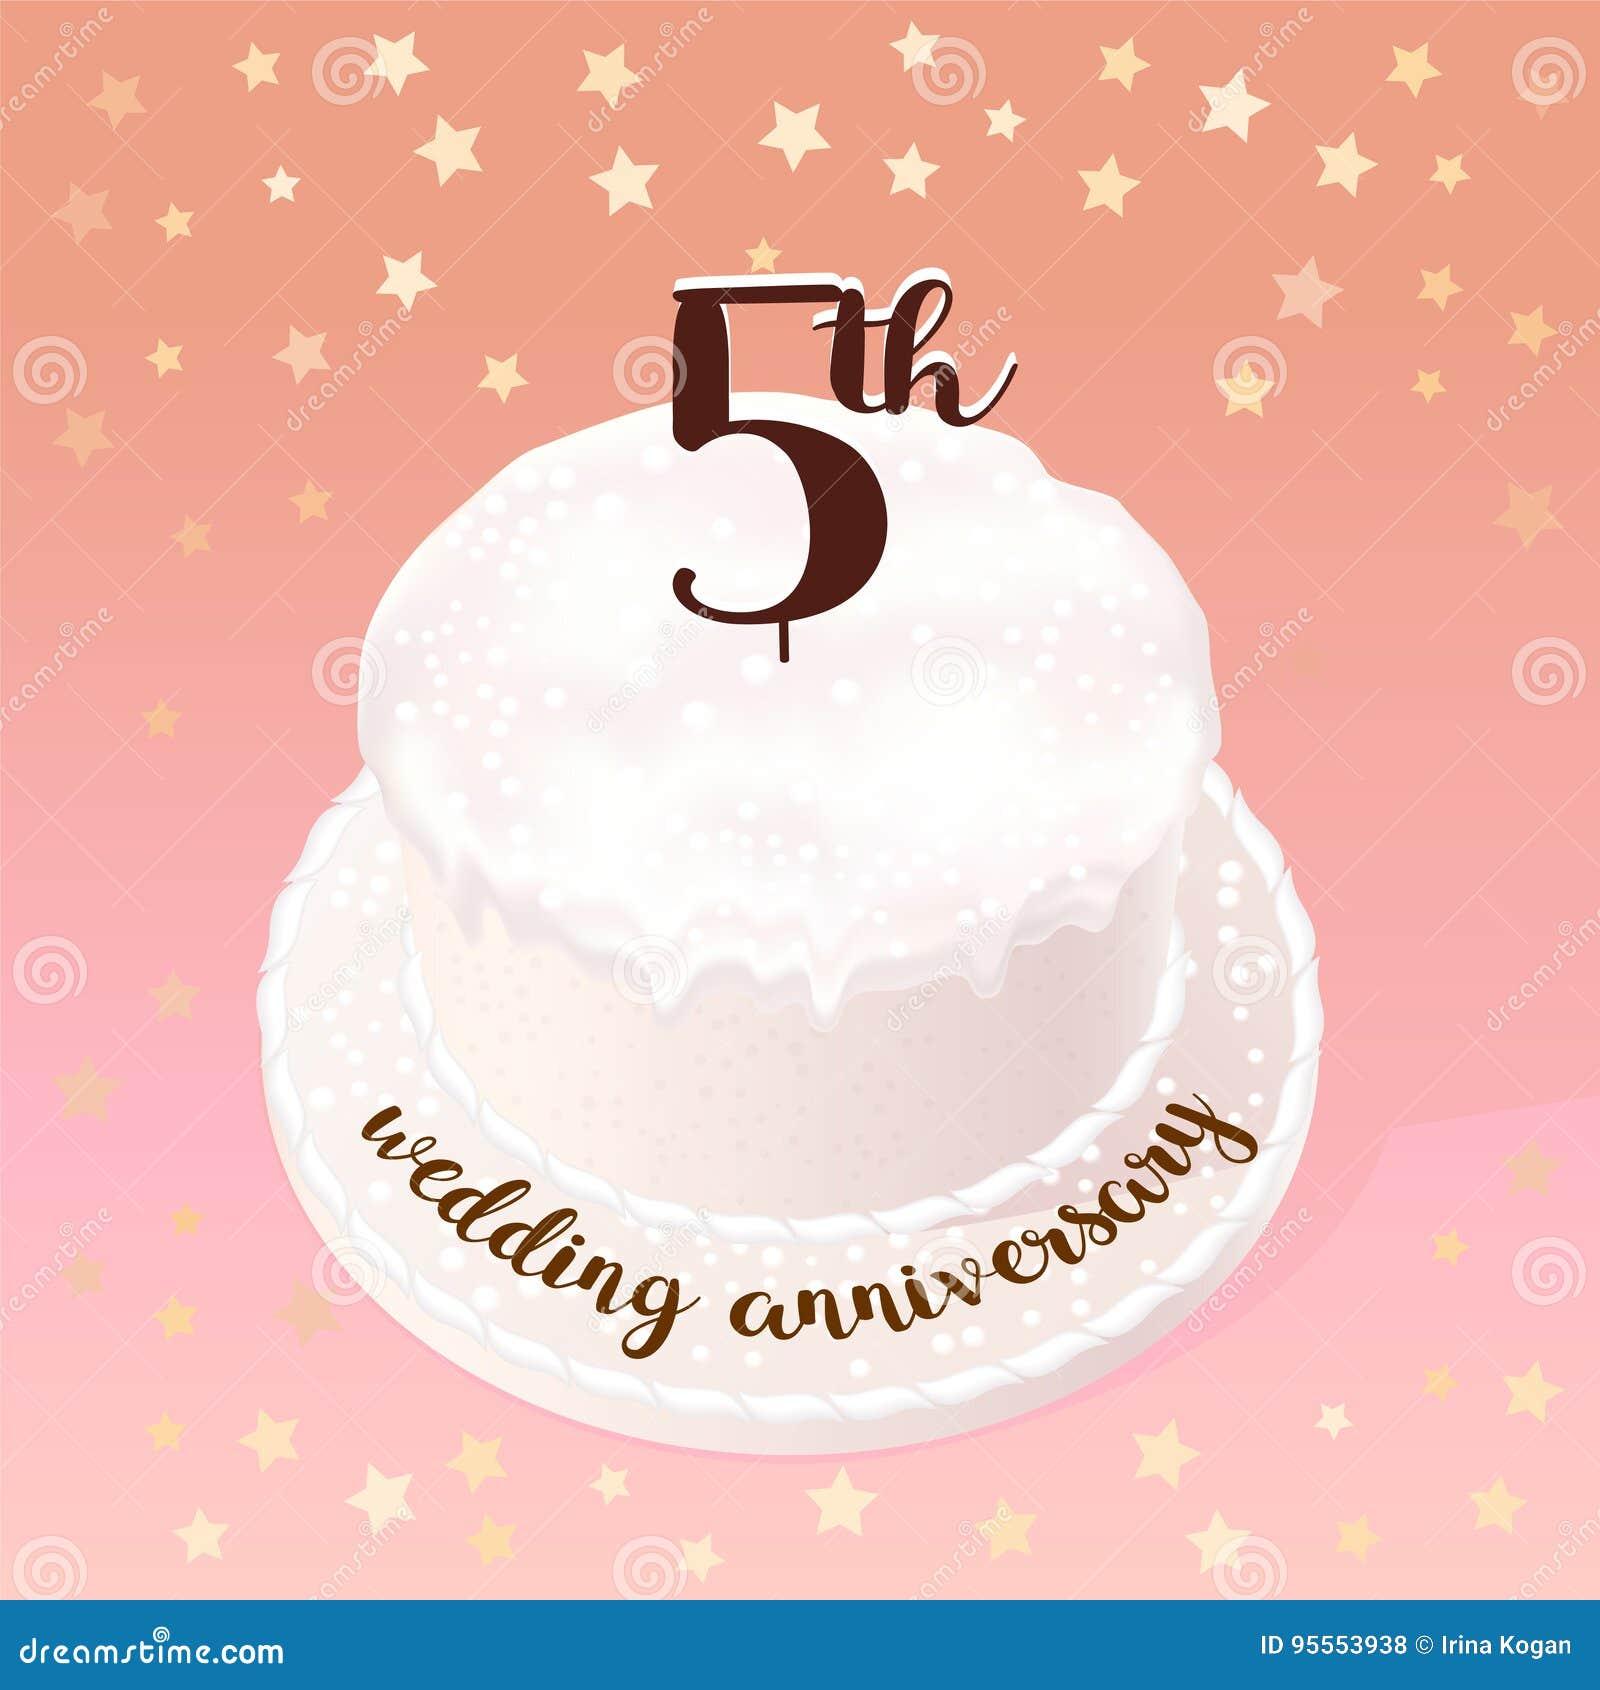 Quinto Anniversario Di Matrimonio.5 Anni Di Icona Di Vettore Di Matrimonio O Di Nozze Illustrazione